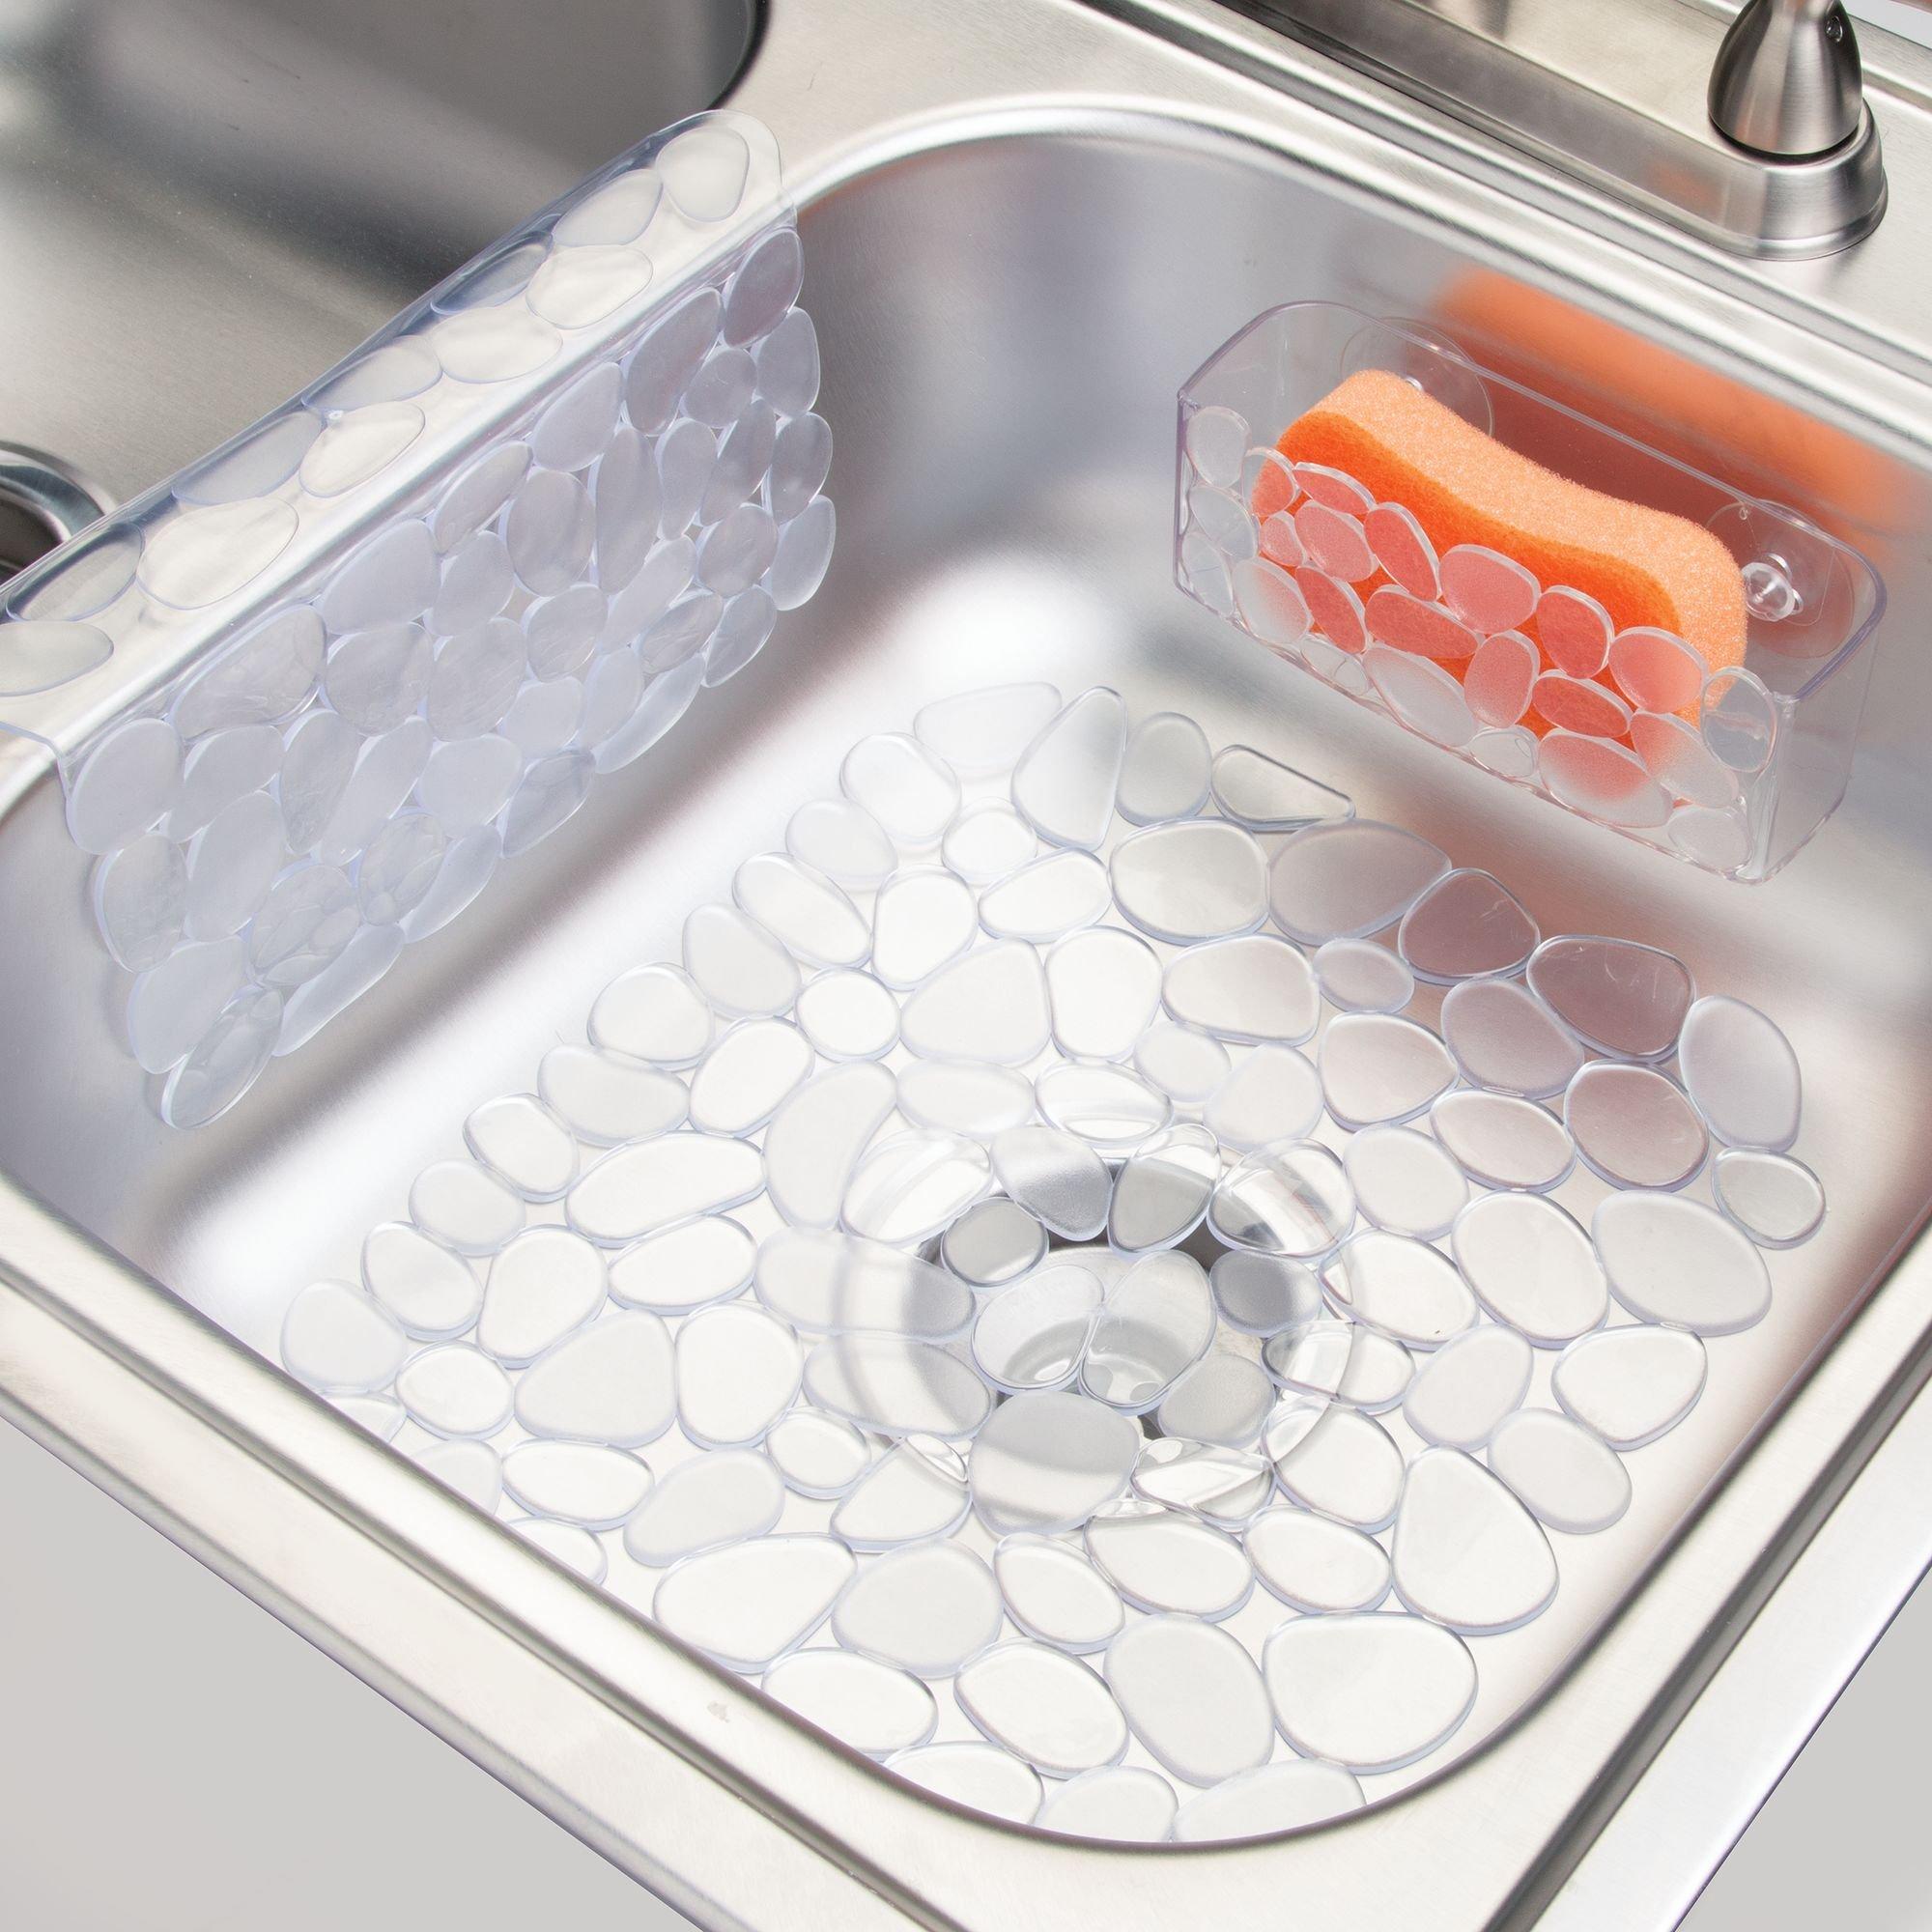 mDesign Set da 3 Accessori per Cucina con Fantasia a ciottoli - Include Un  Tappetino lavello, Un Tappetino per divisorio lavelli e Un Porta Spugna con  ...